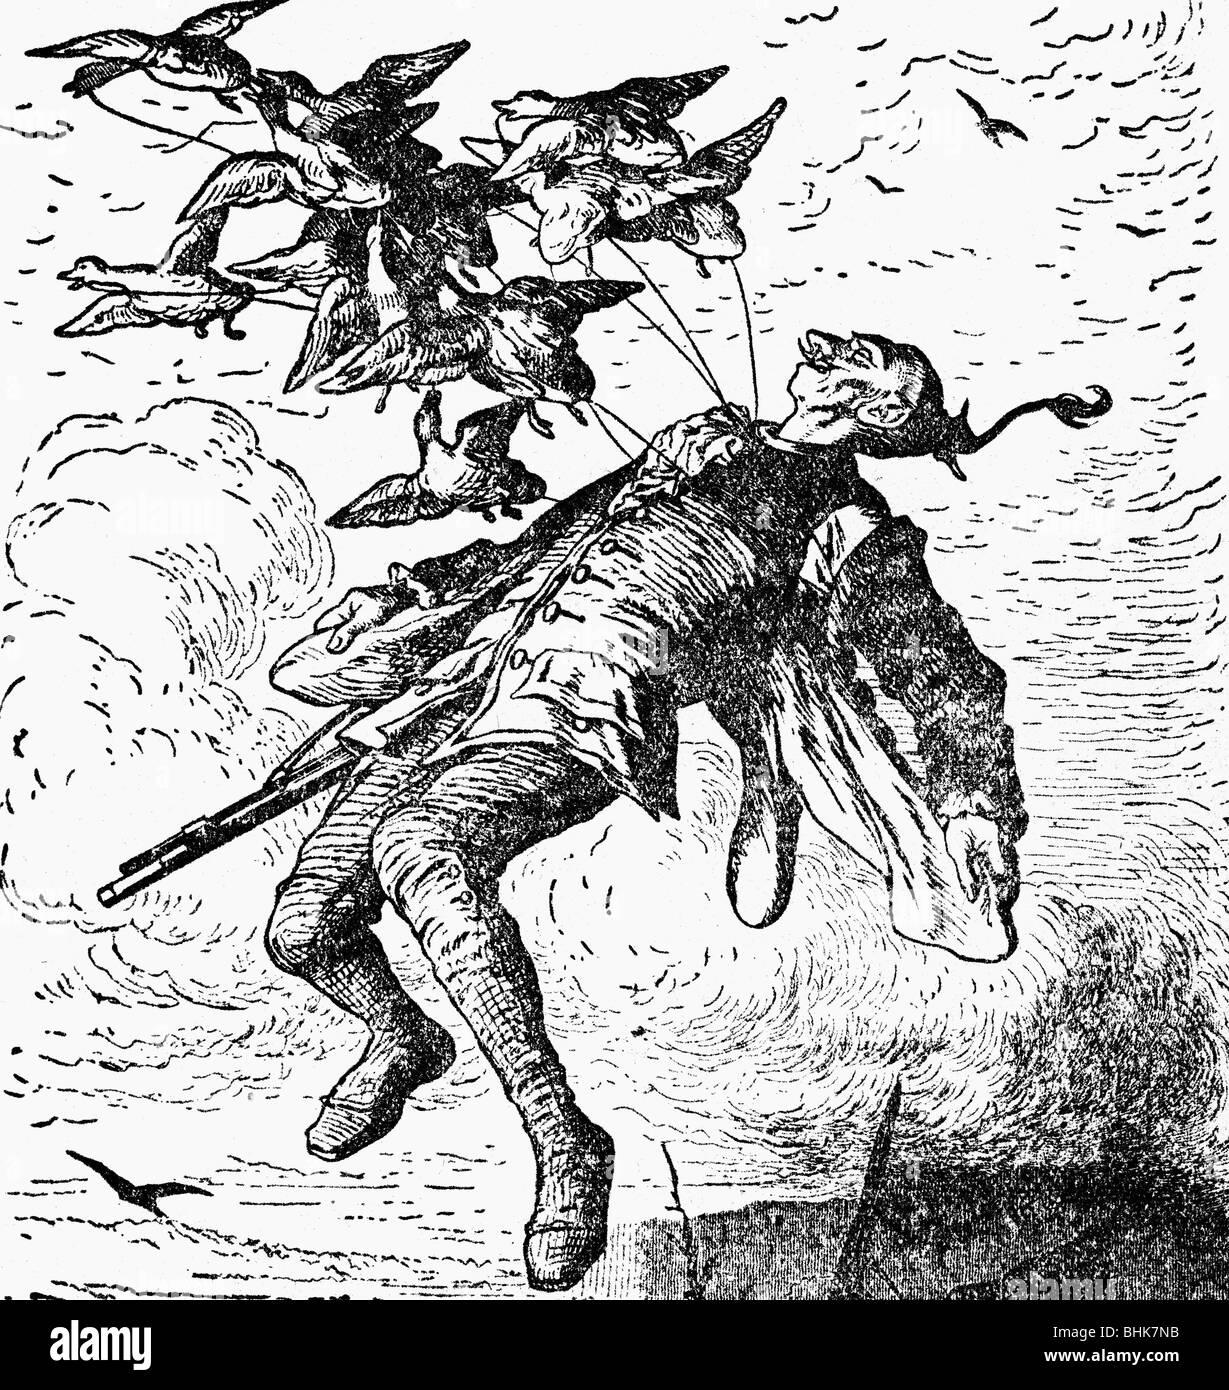 Munchhausen, Karl Friedrich Hieronymus von, 11.5.1720 - 22.2.1797, oficial alemán, aventuras, es levantado en el aire por los patos, grabado de madera, 1874, , Foto de stock